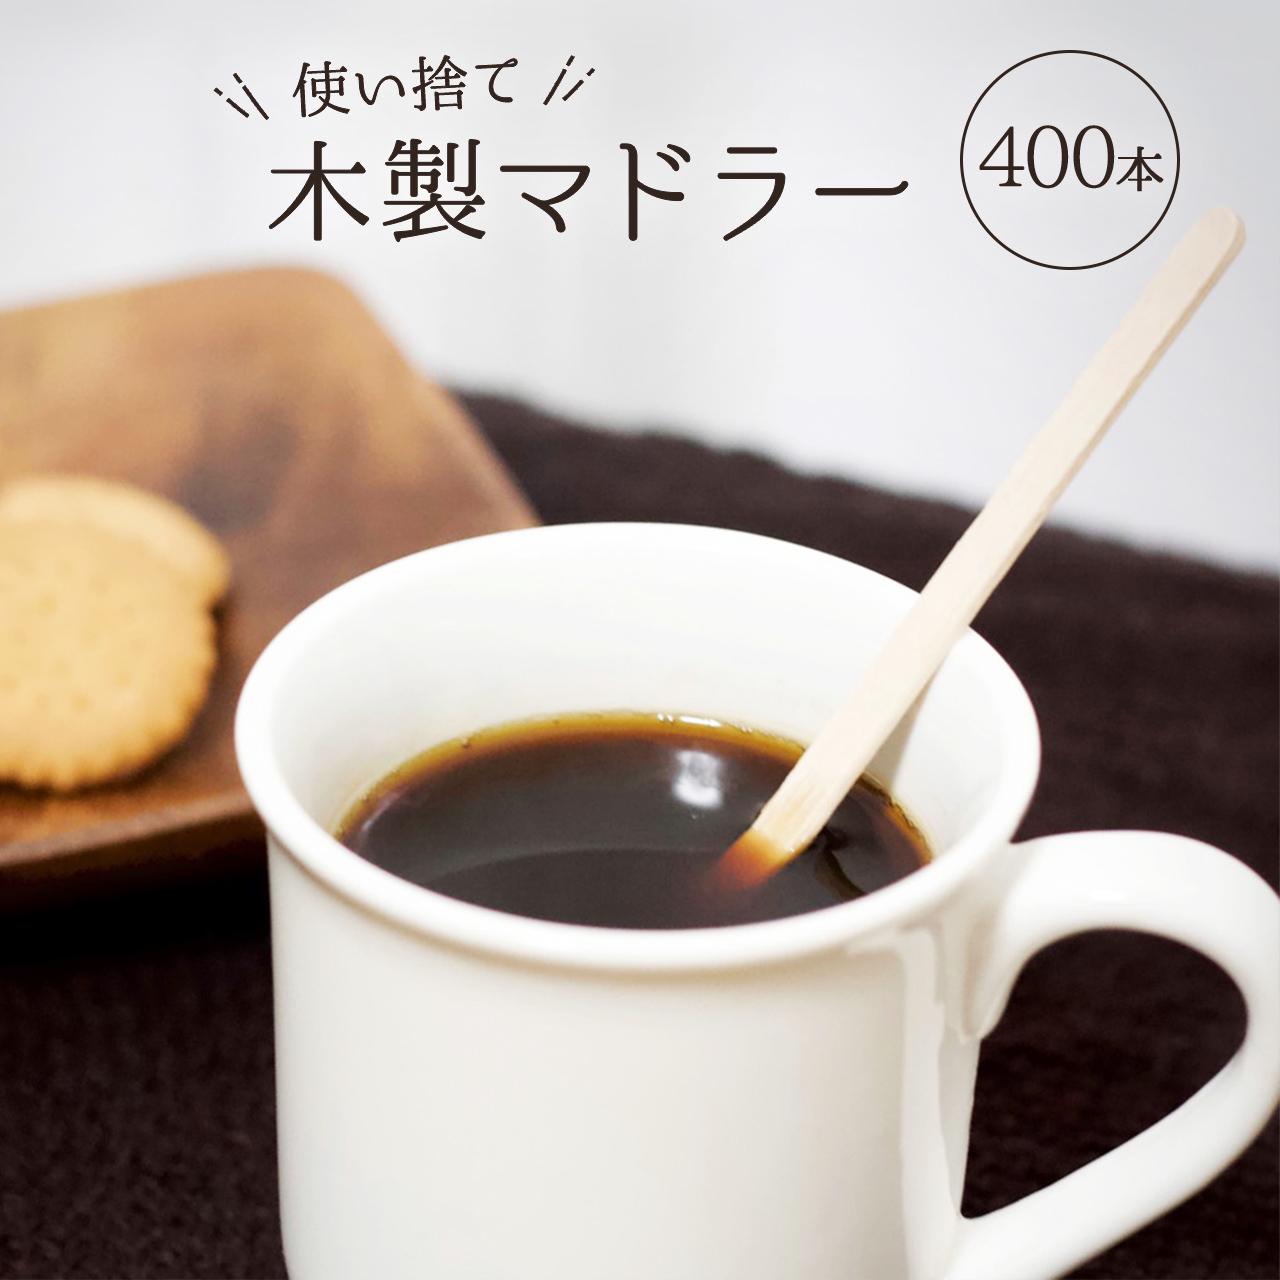 業務用400本入 木製 コーヒー マドラー 使い捨て 14cm 400本 セット 木 格安SALEスタート 超人気 ウッドマドラー ティースティッ スティック 業務用 コーヒーマドラー